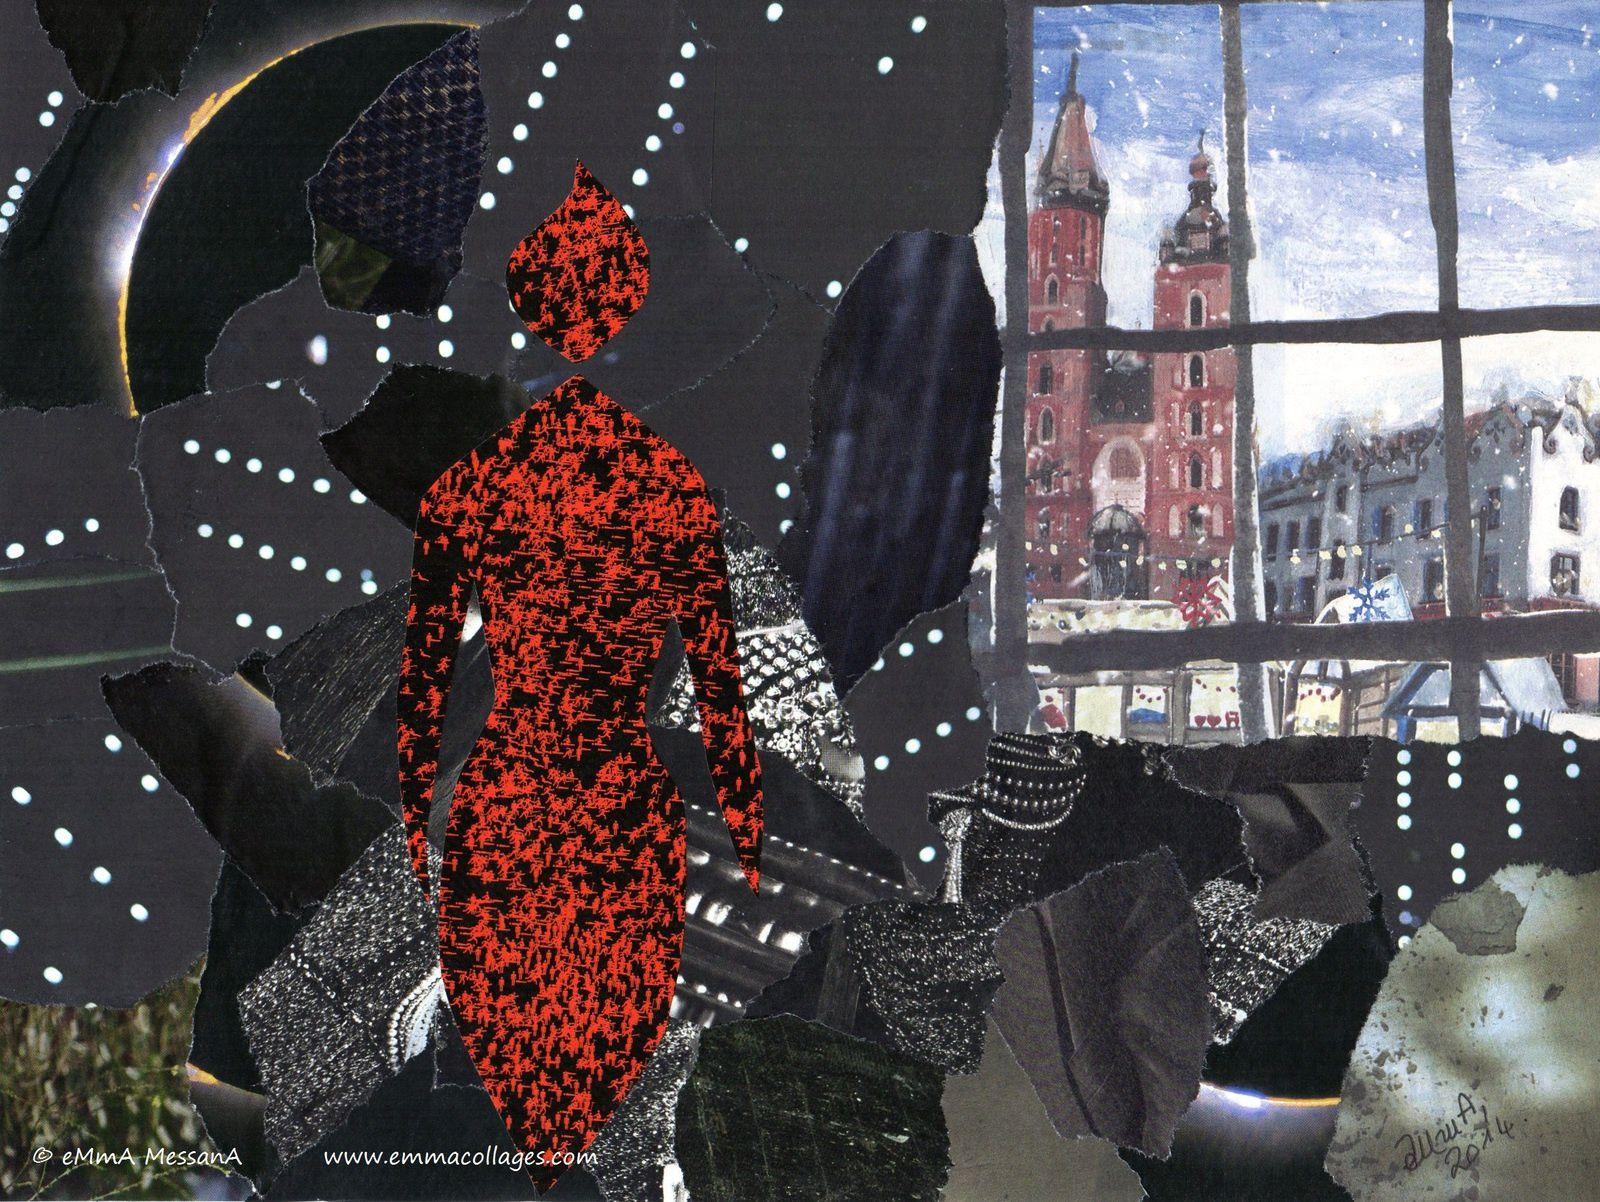 """Les Collages d'emMmA MessanA, collage """"Flocons de nuit"""", pièce unique © eMmA MessanA"""